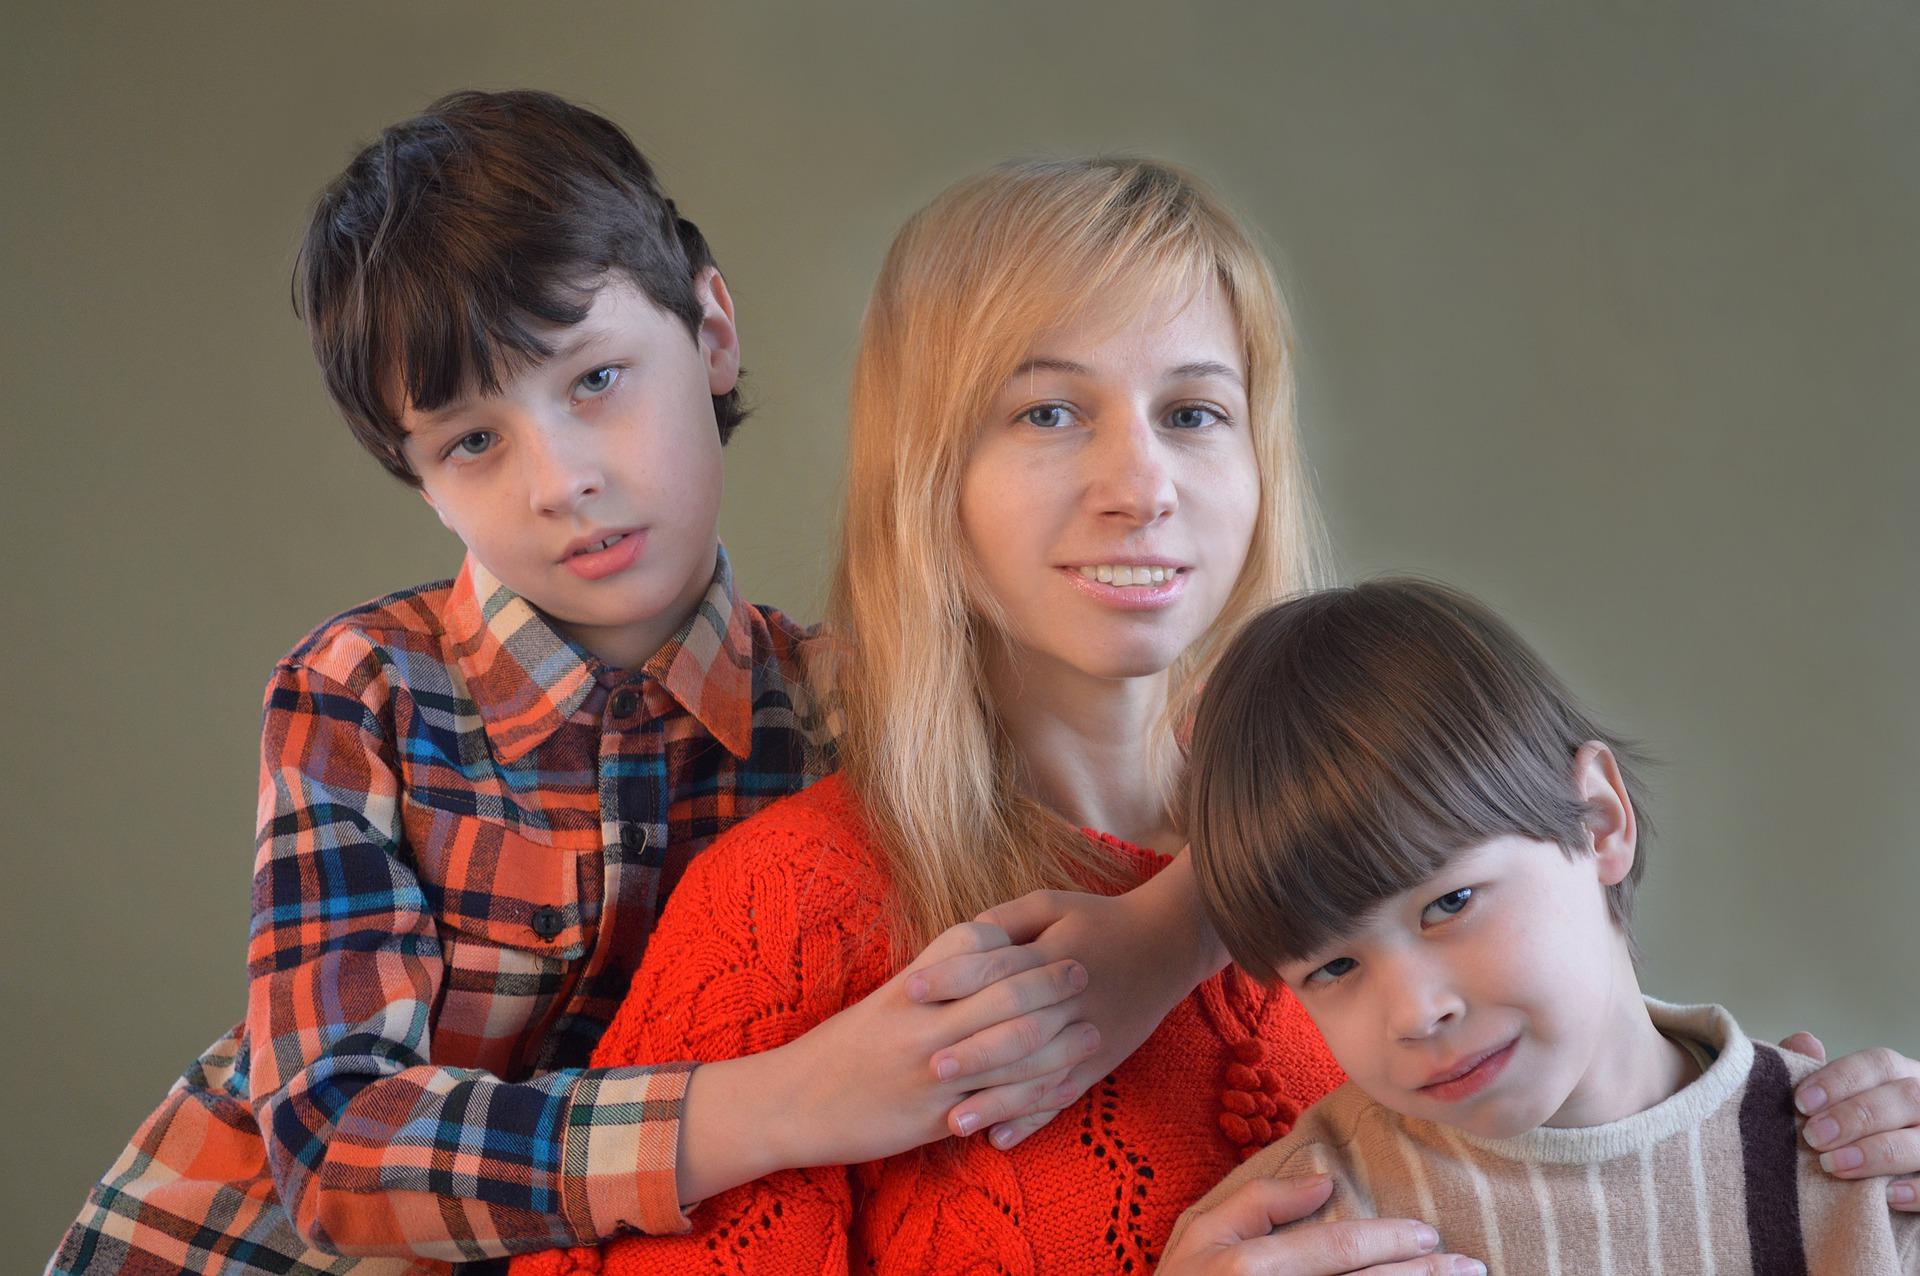 https://nurture-images.s3-us-west-2.amazonaws.com/pixa12.jpg